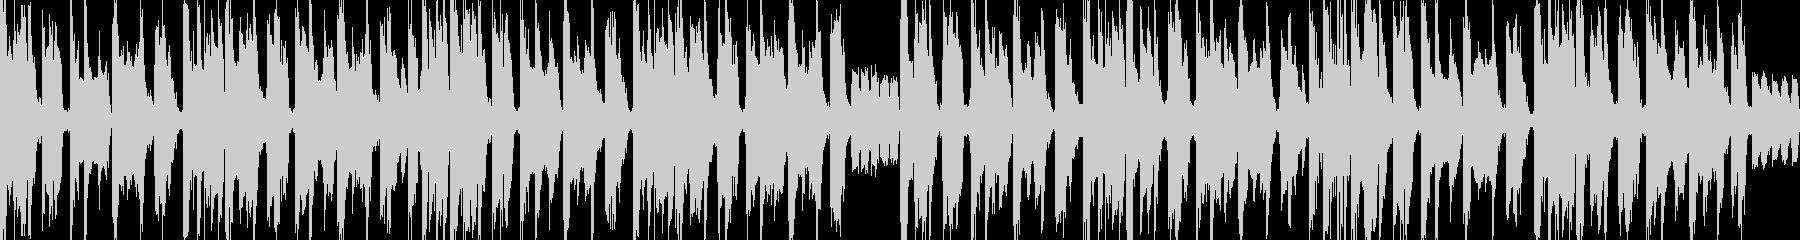 ファンキーなポップ/ダンストラック...の未再生の波形